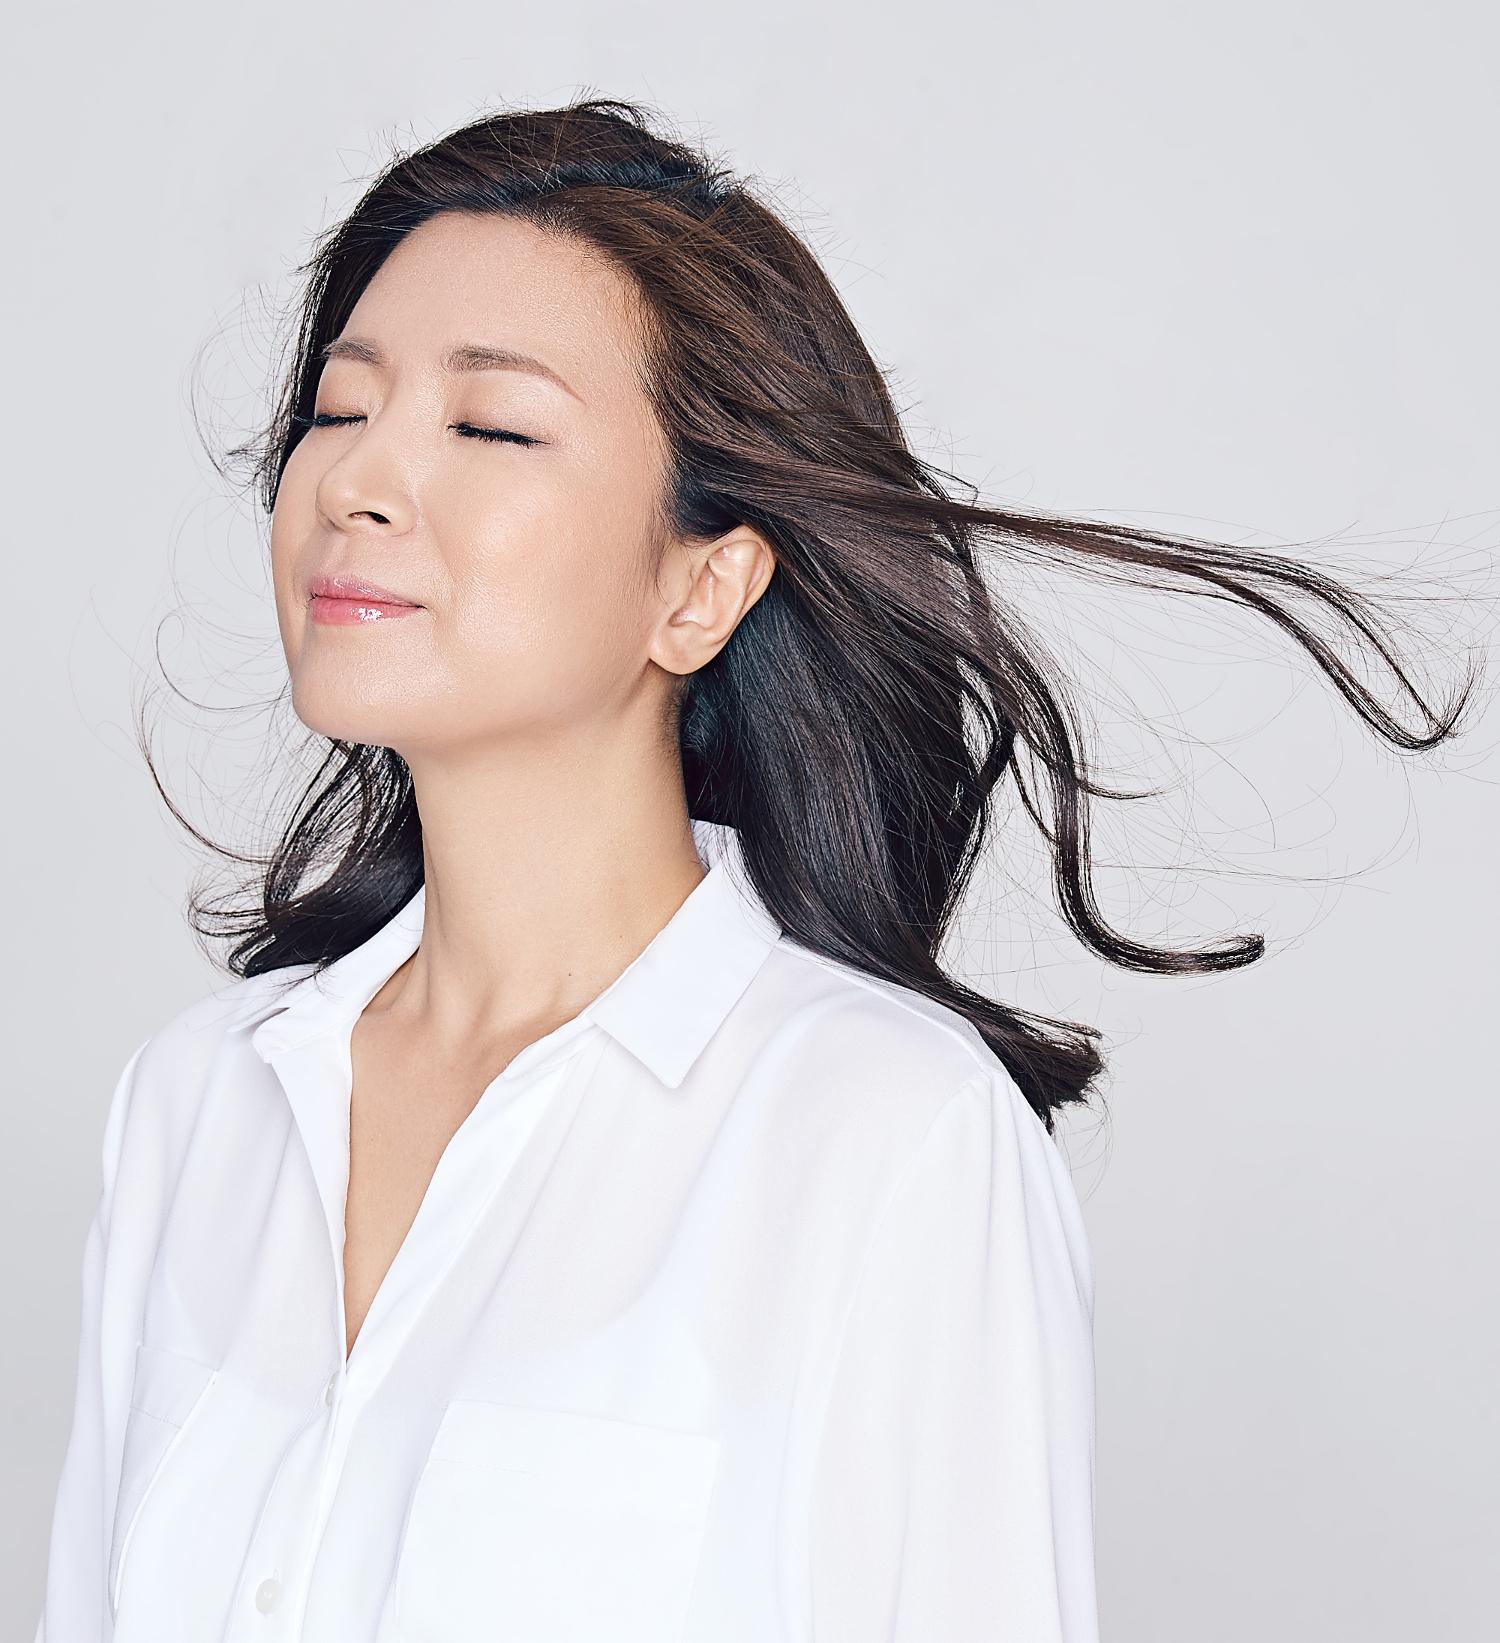 sungjihong_headshot.jpg